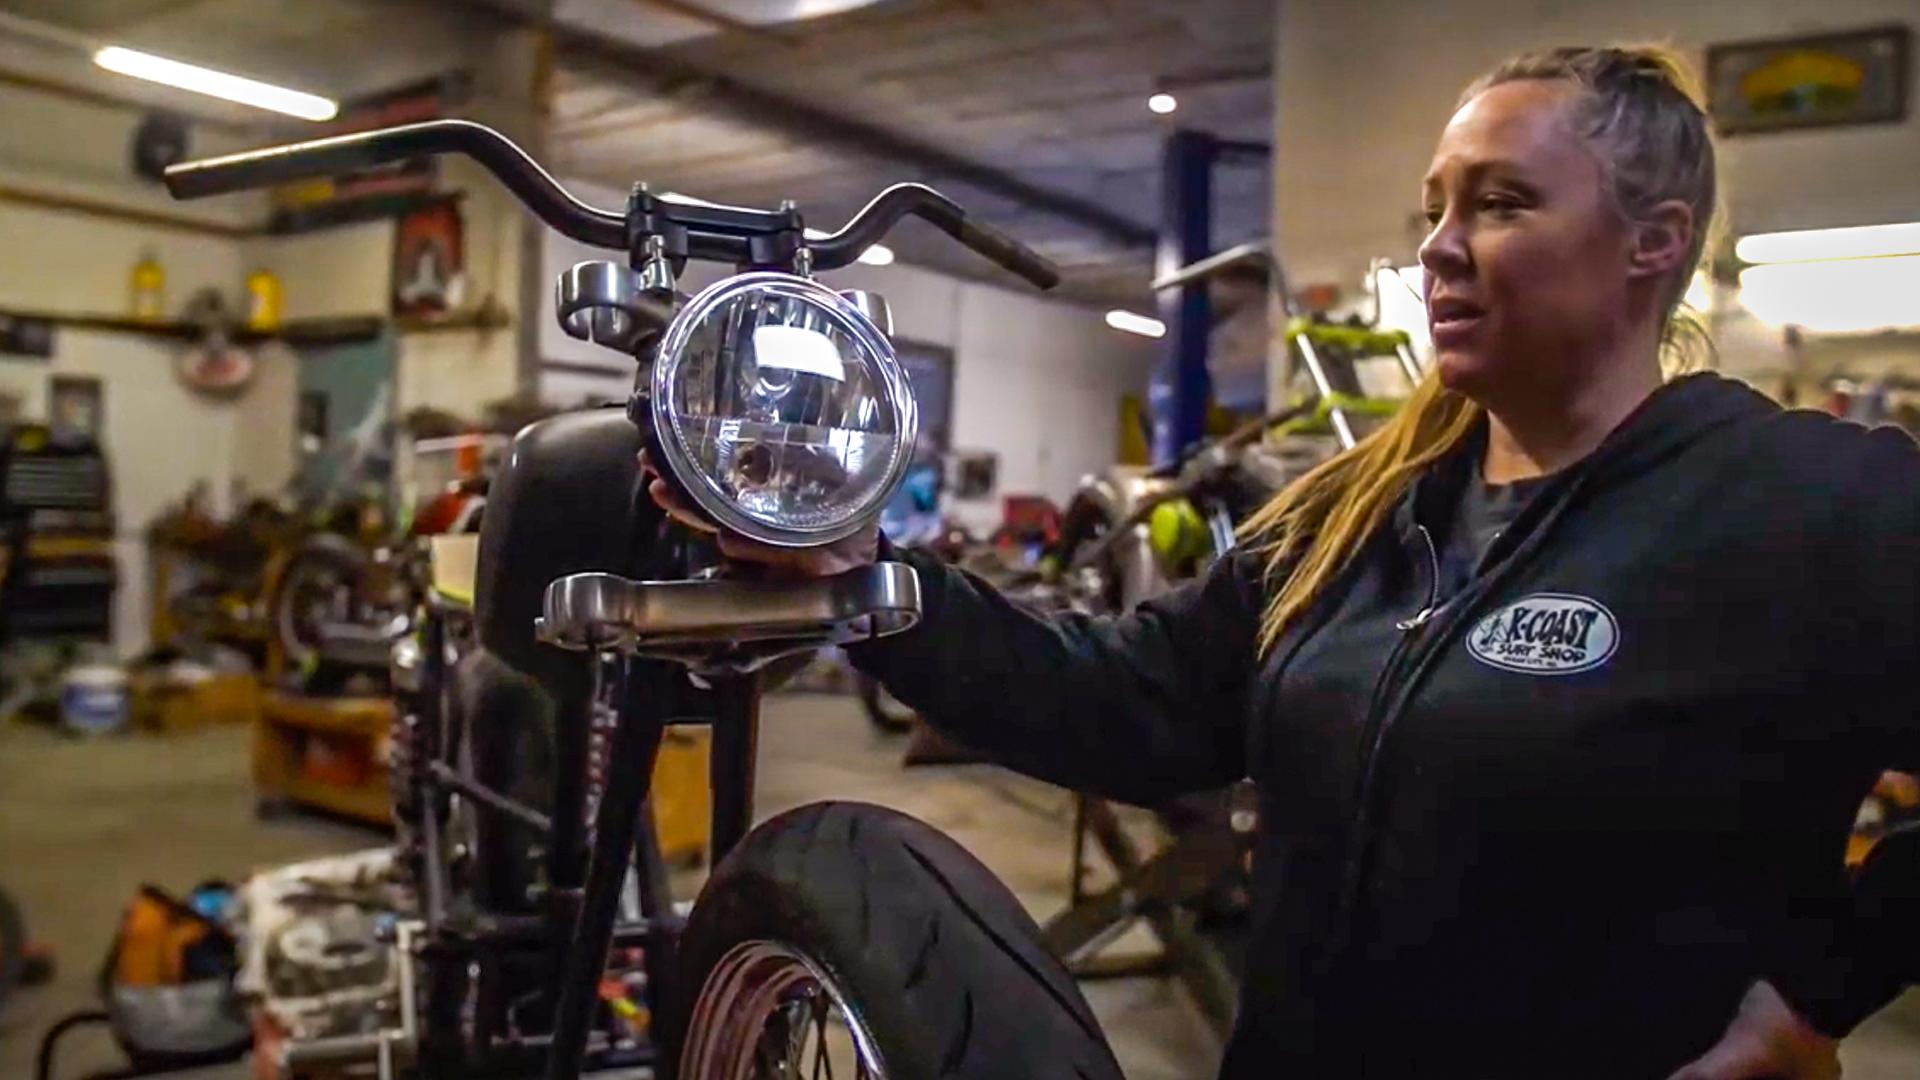 Full-Time Mom, Part-Time Bike Builder